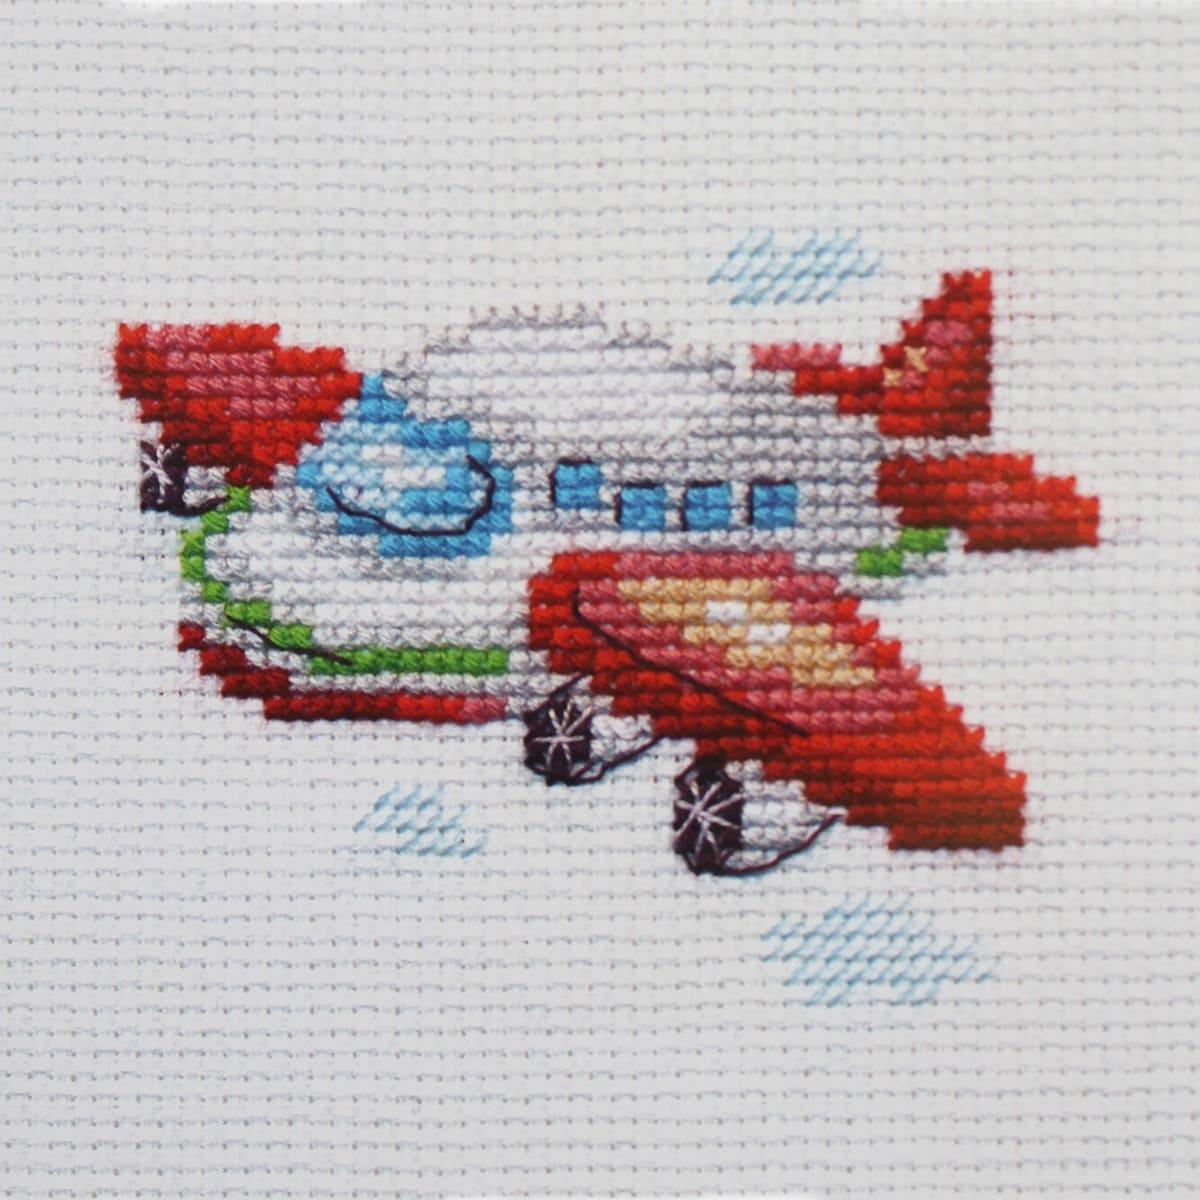 0-160 Набор для вышивания 'Алиса' 'Самолетик', 8*6 см